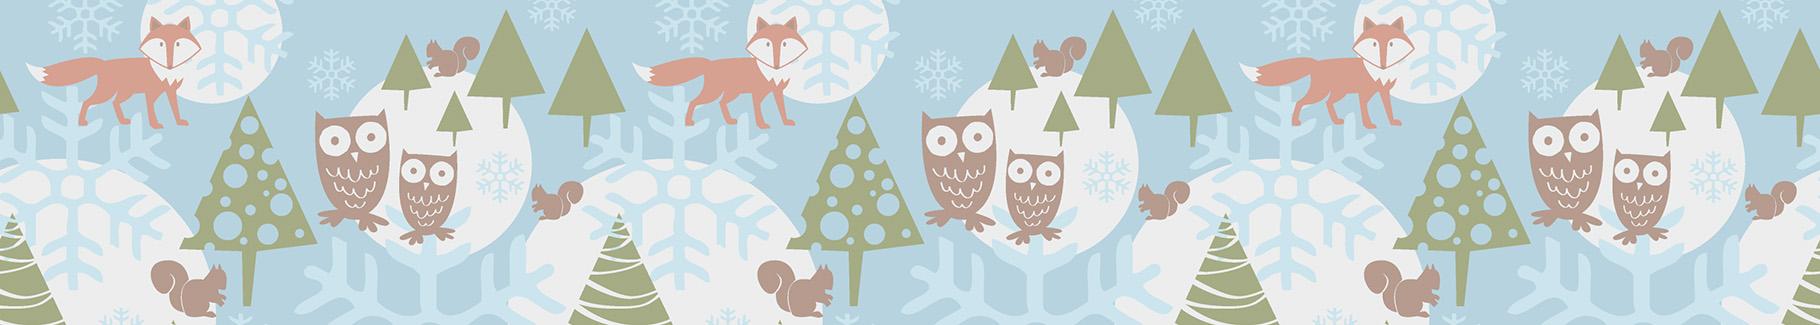 Tapeta zimowy krajobraz dla dzieci